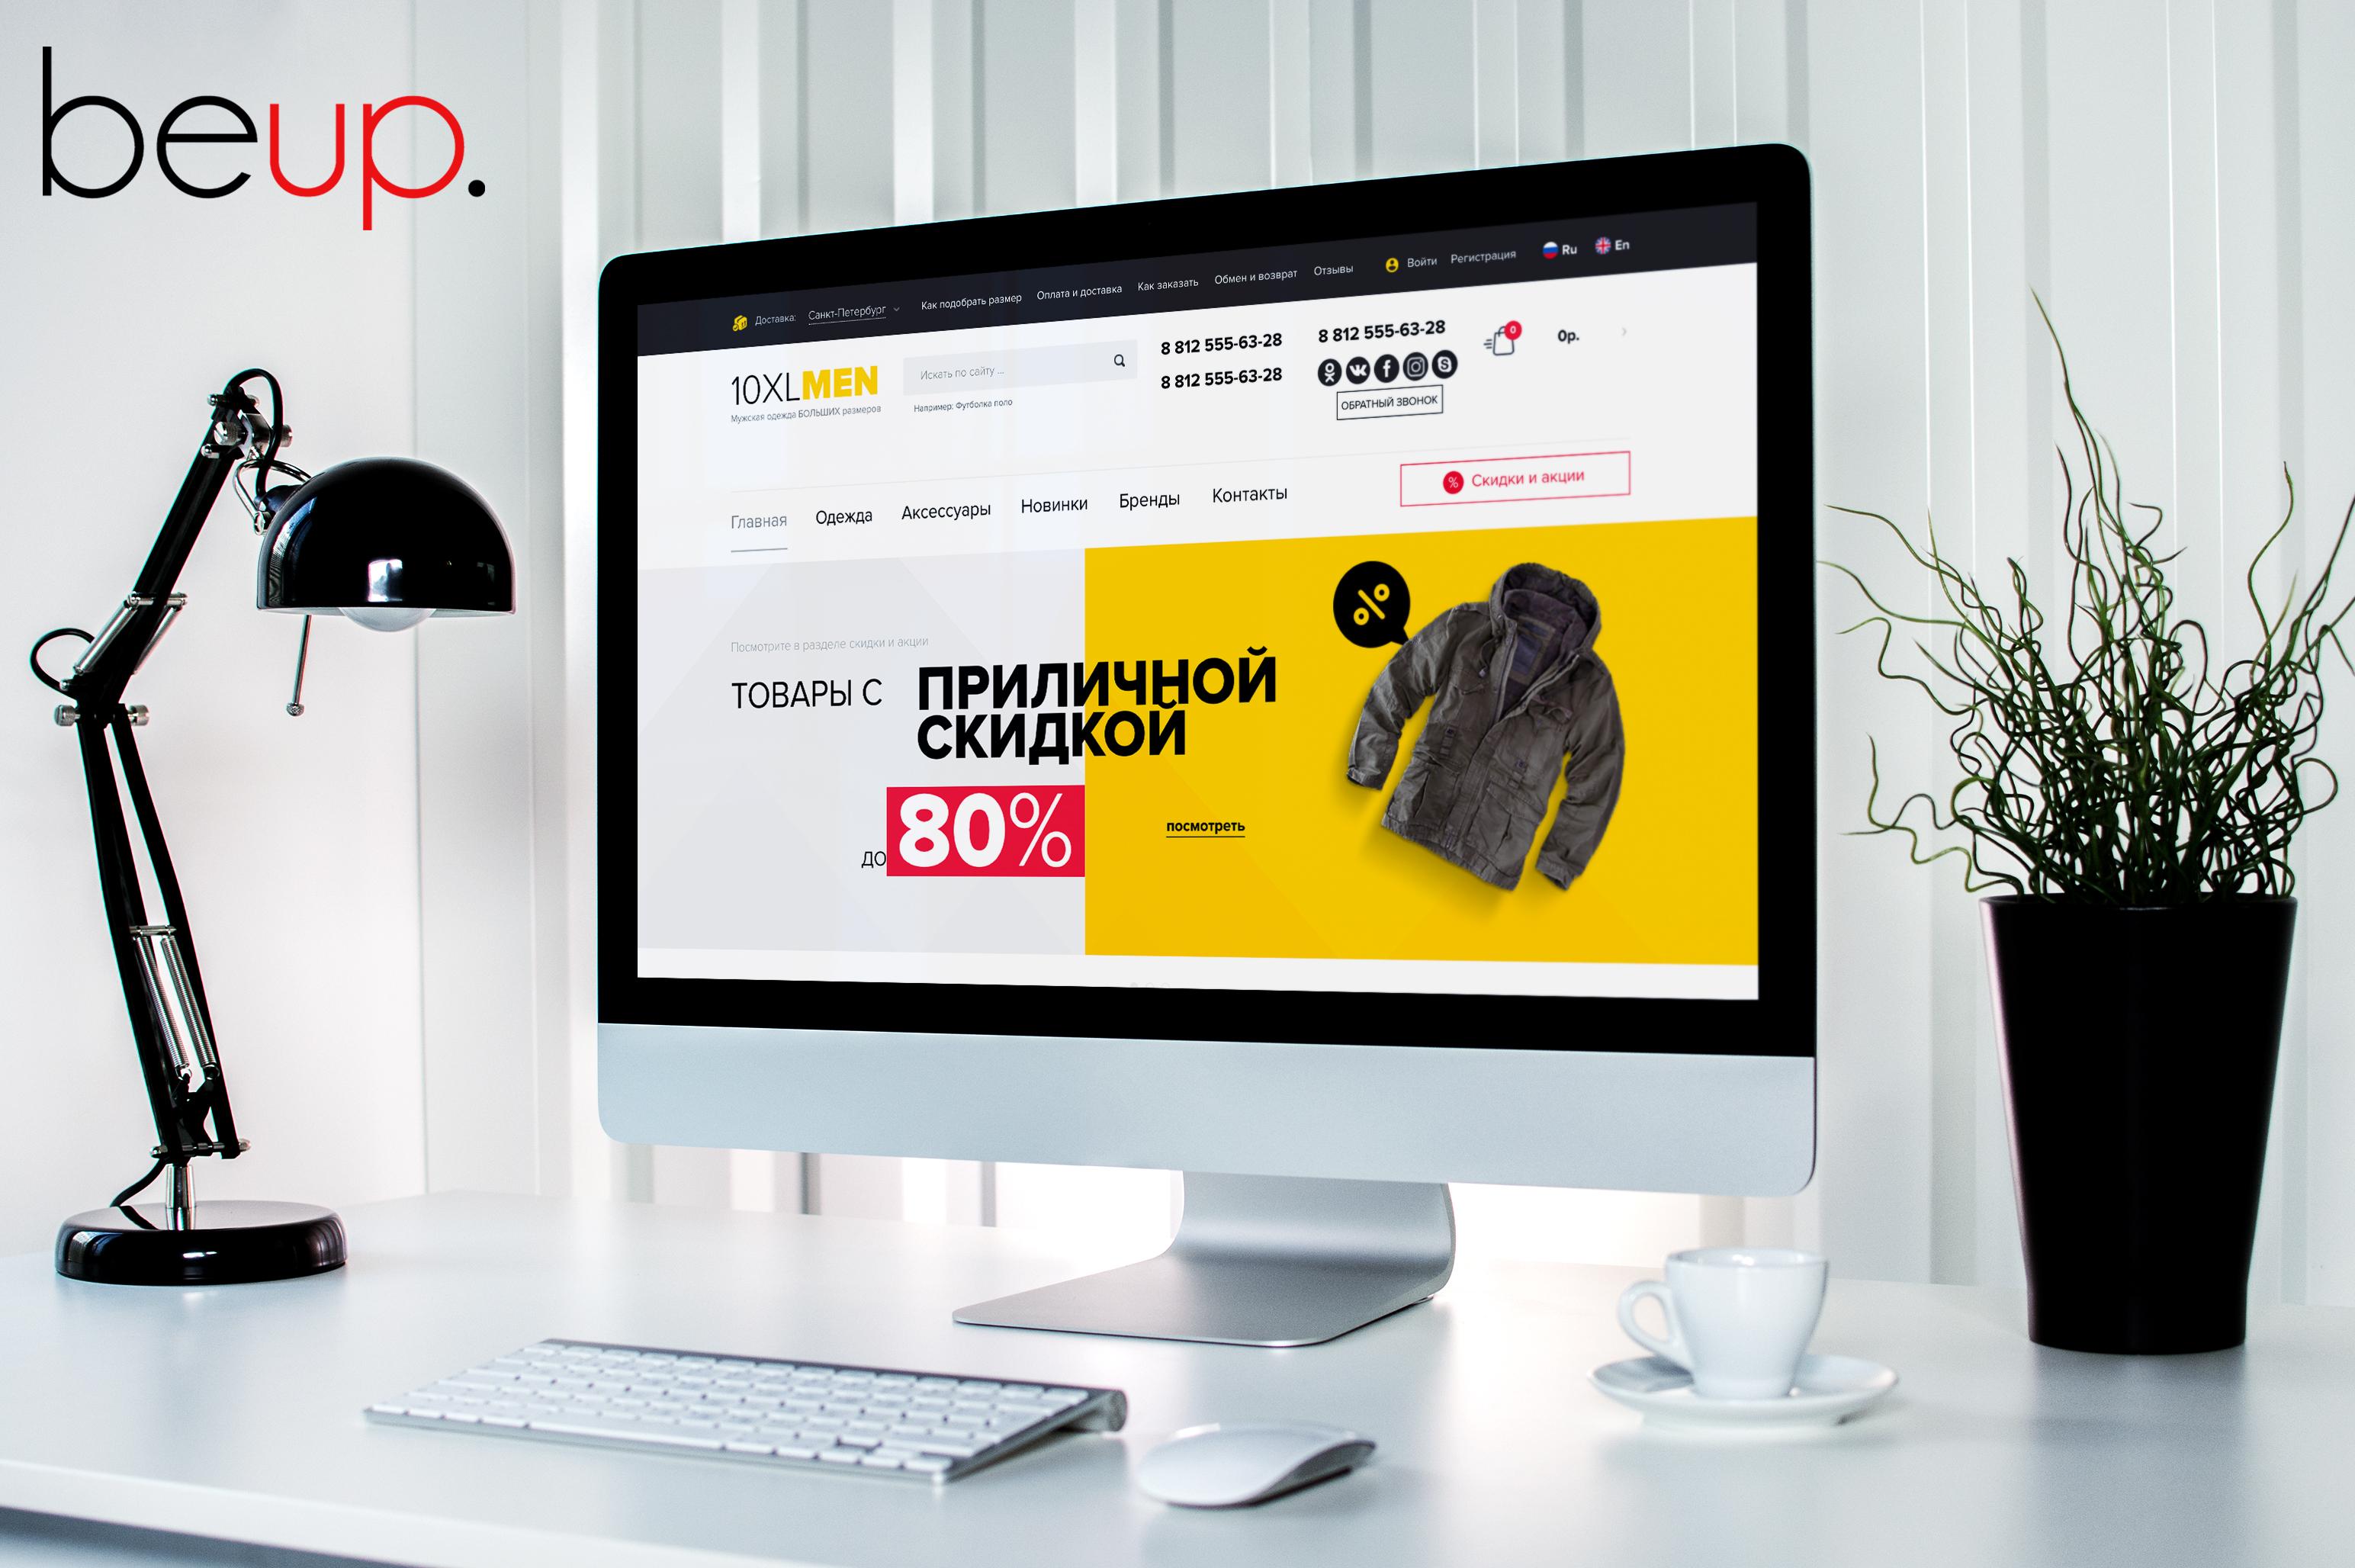 10XLMen - интернет-магазин одежды для больших мужчин